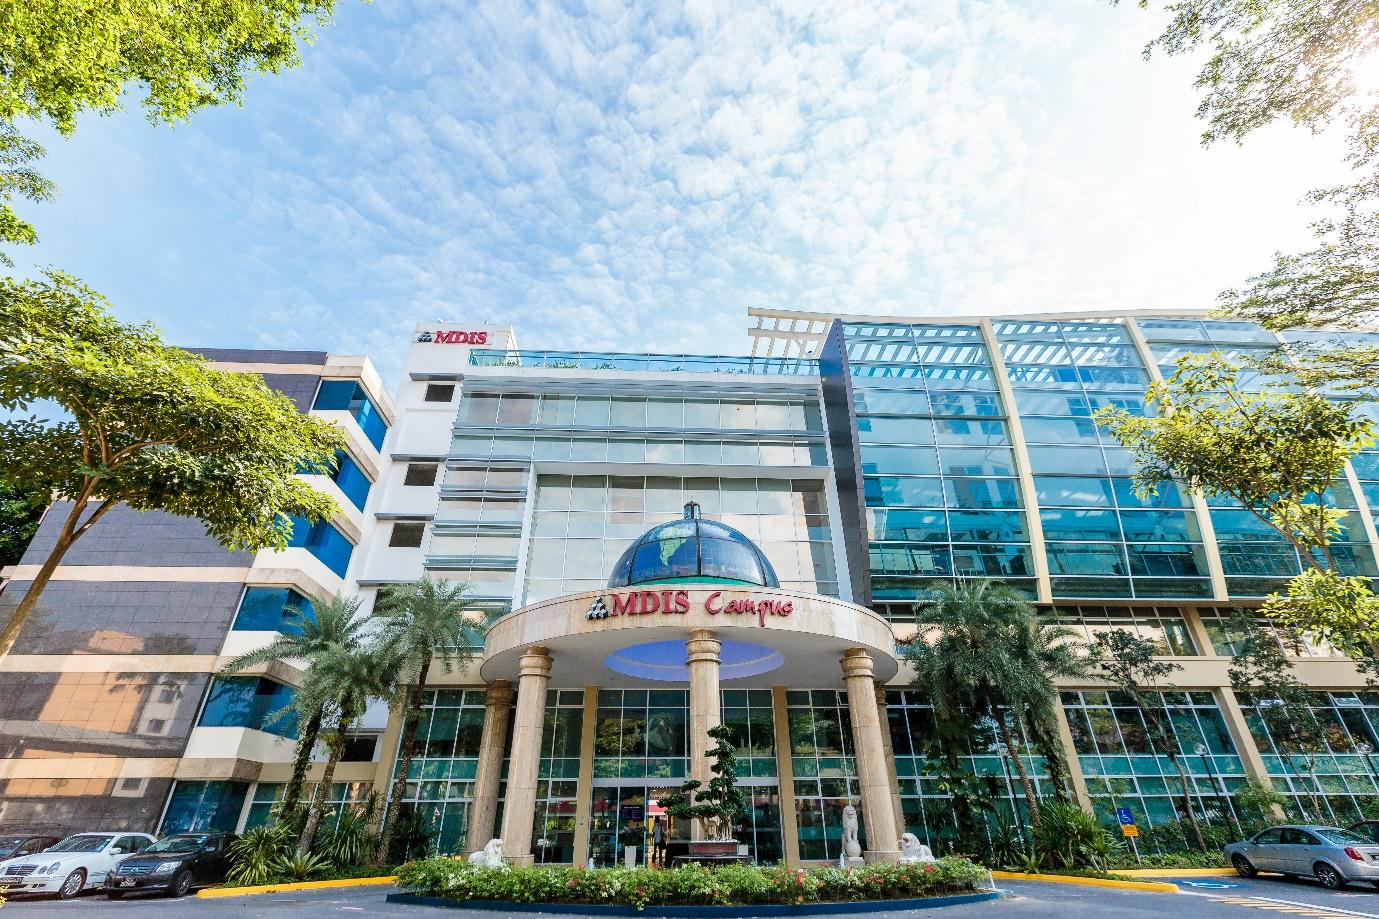 Học viện MDIS - Học viện Phát triển Quản lý Singapore